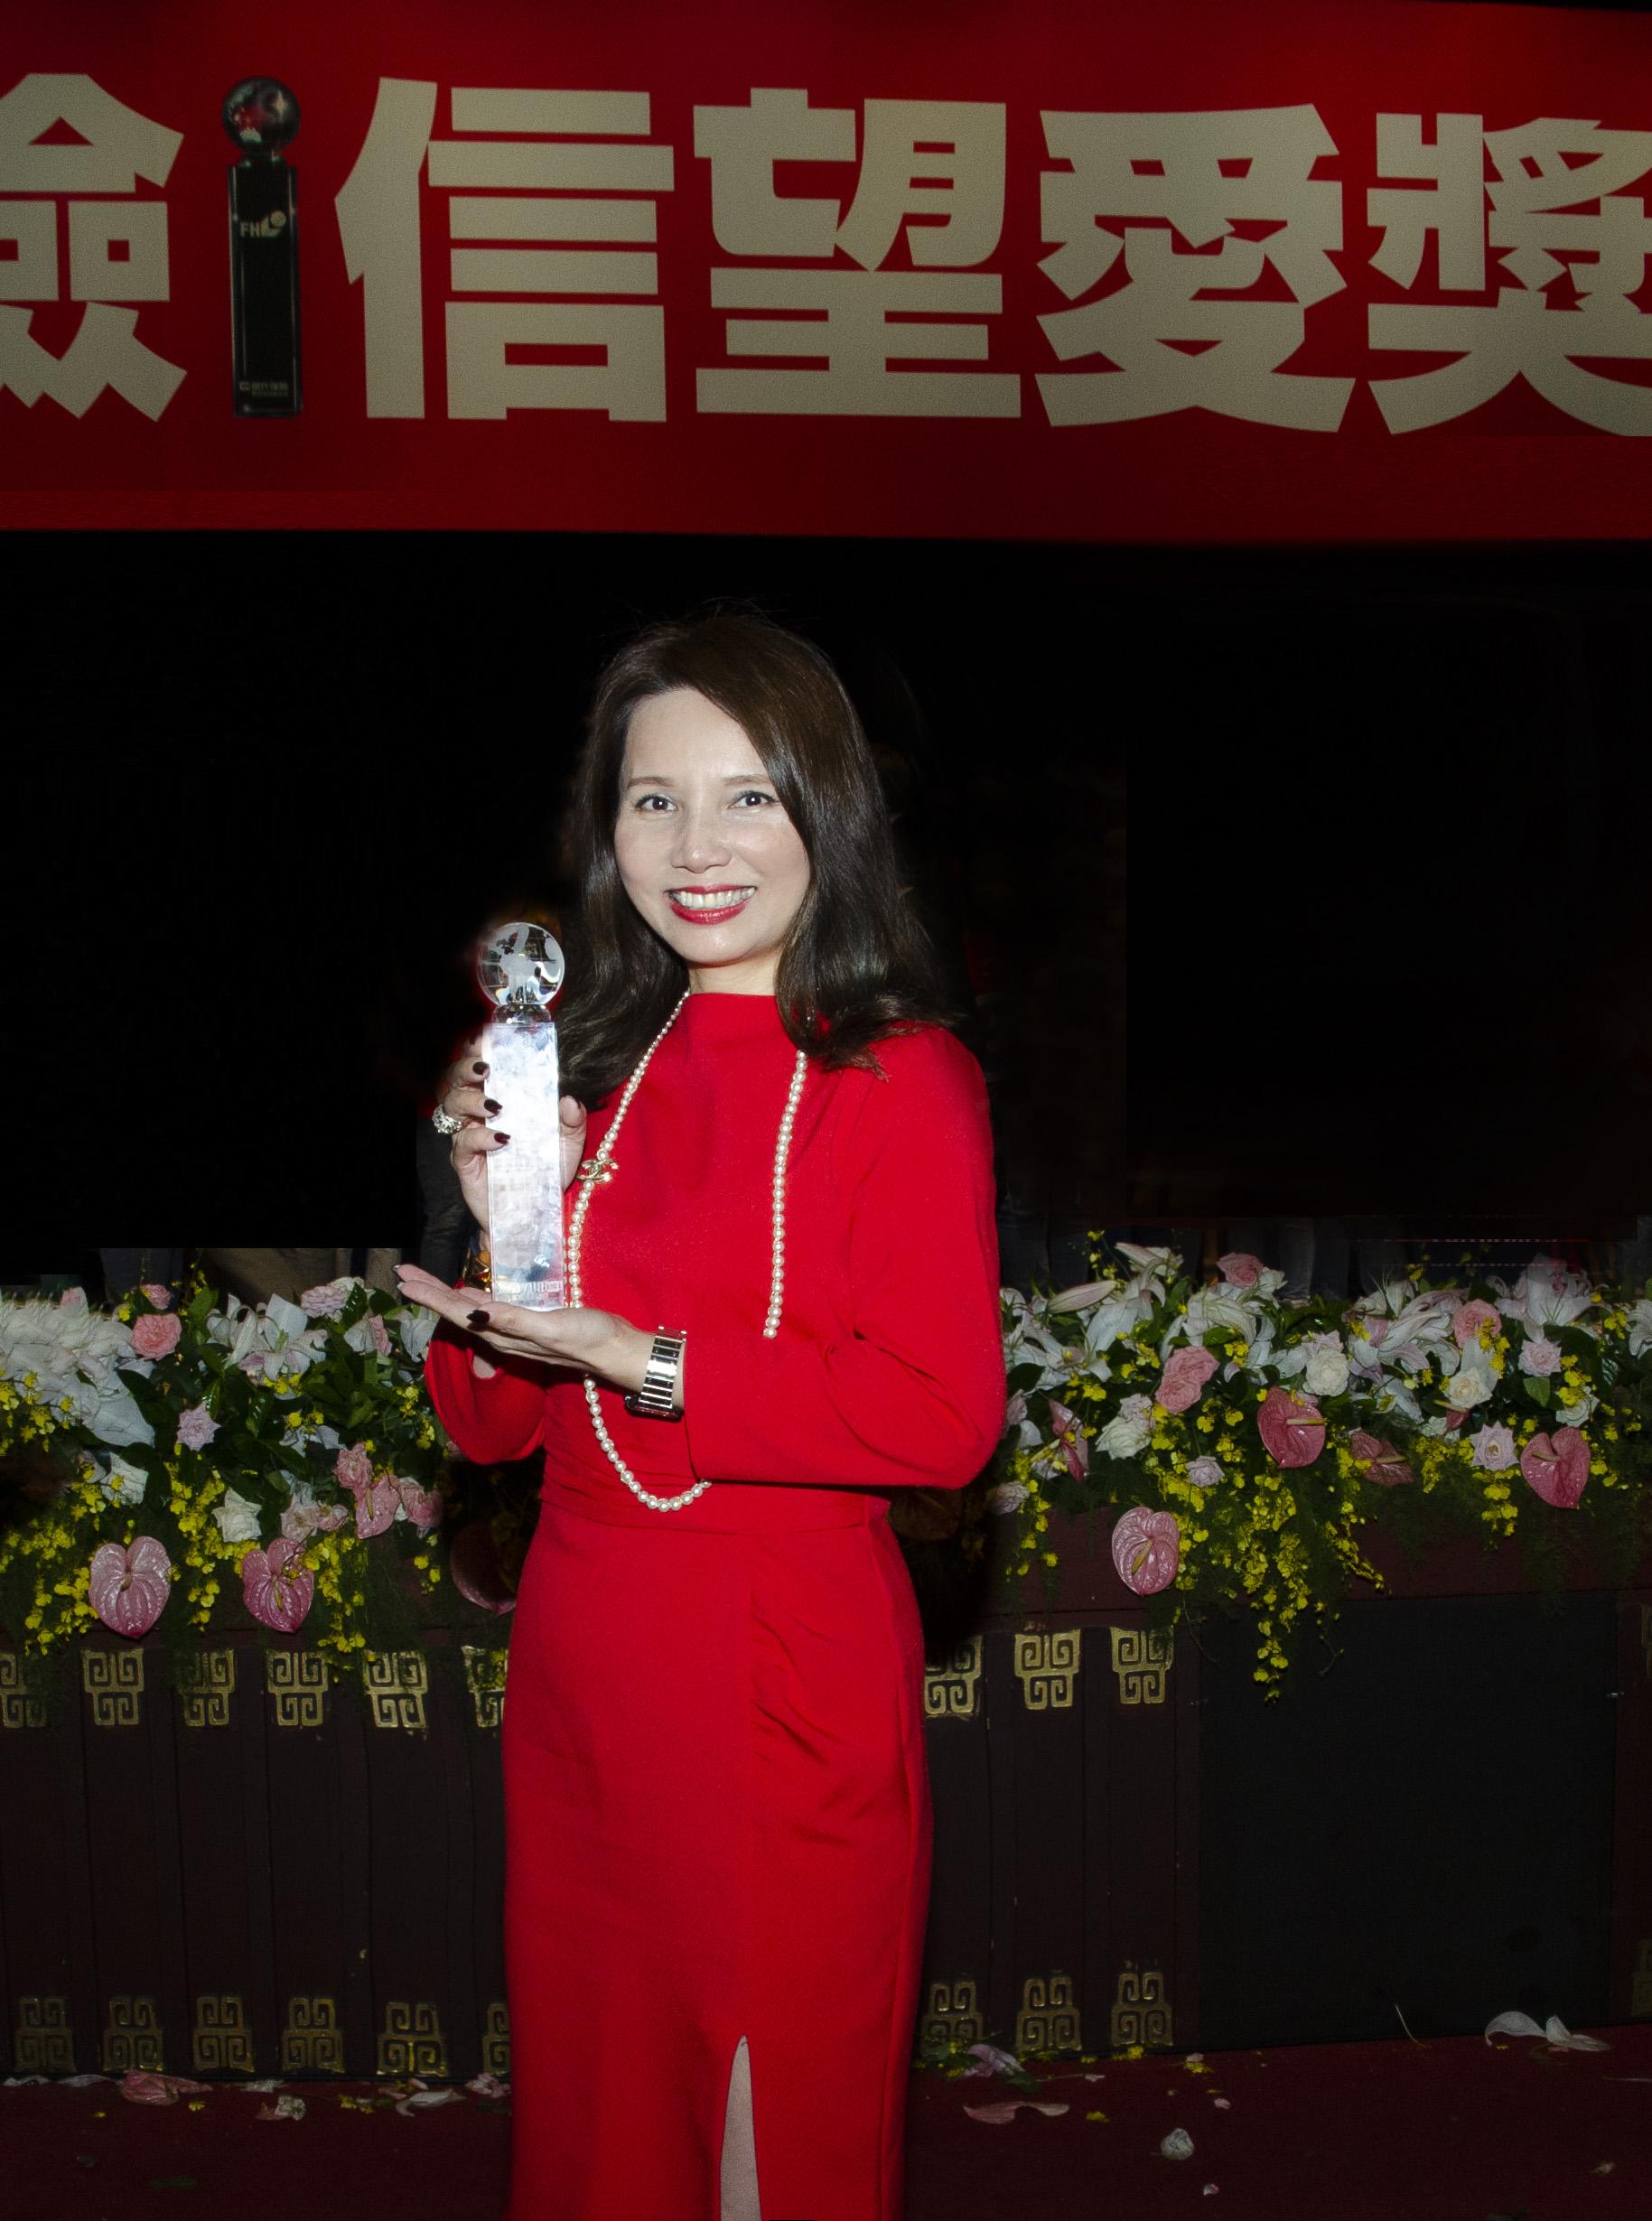 陳翠芳業務協理率領的中三通訊處獲得「最佳通訊處獎」特優。